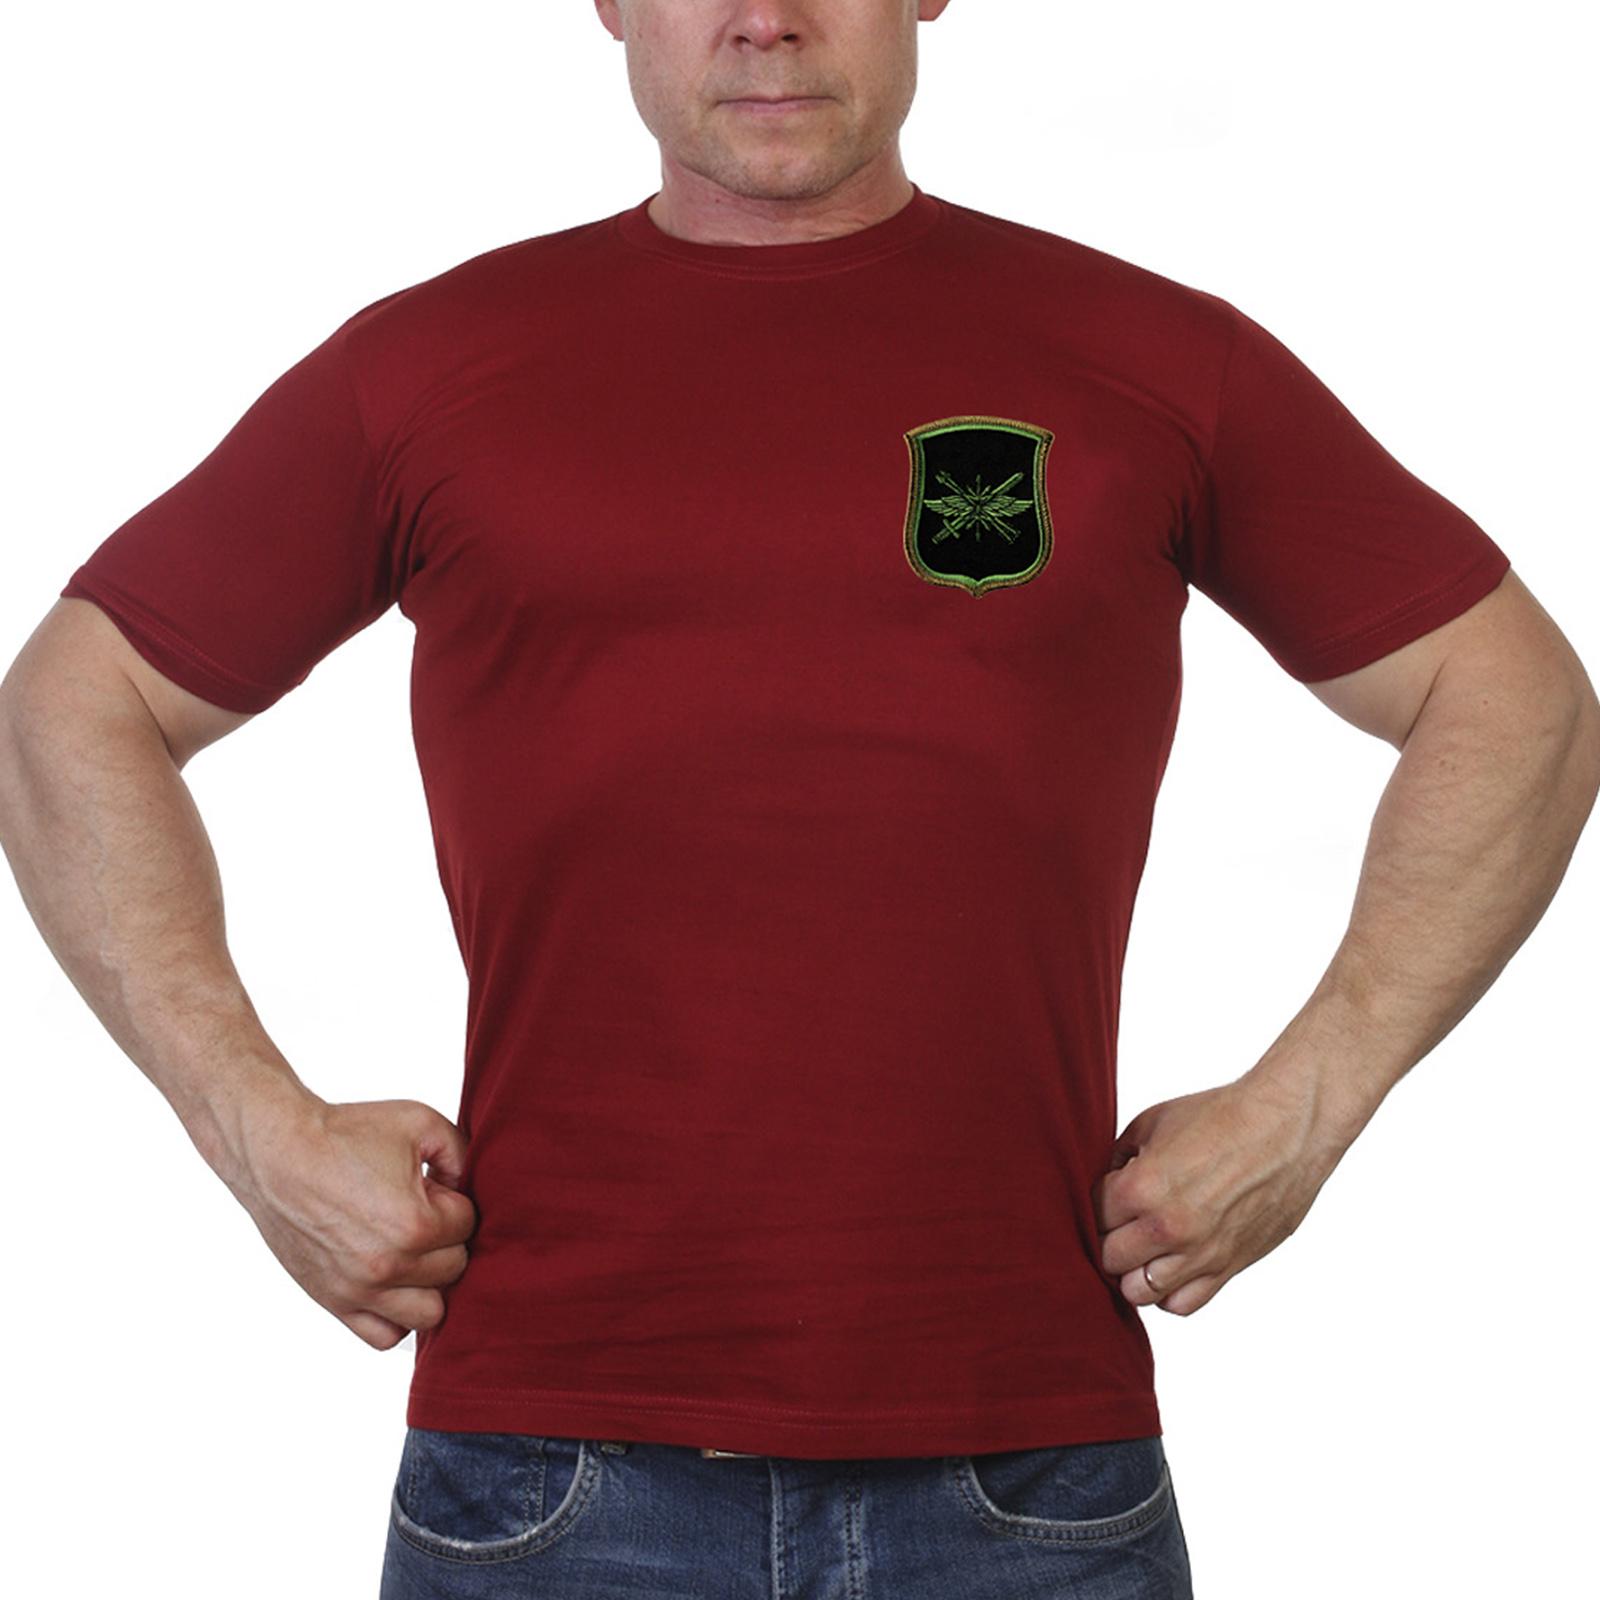 Краповая футболка 882 ЦУС РВСН